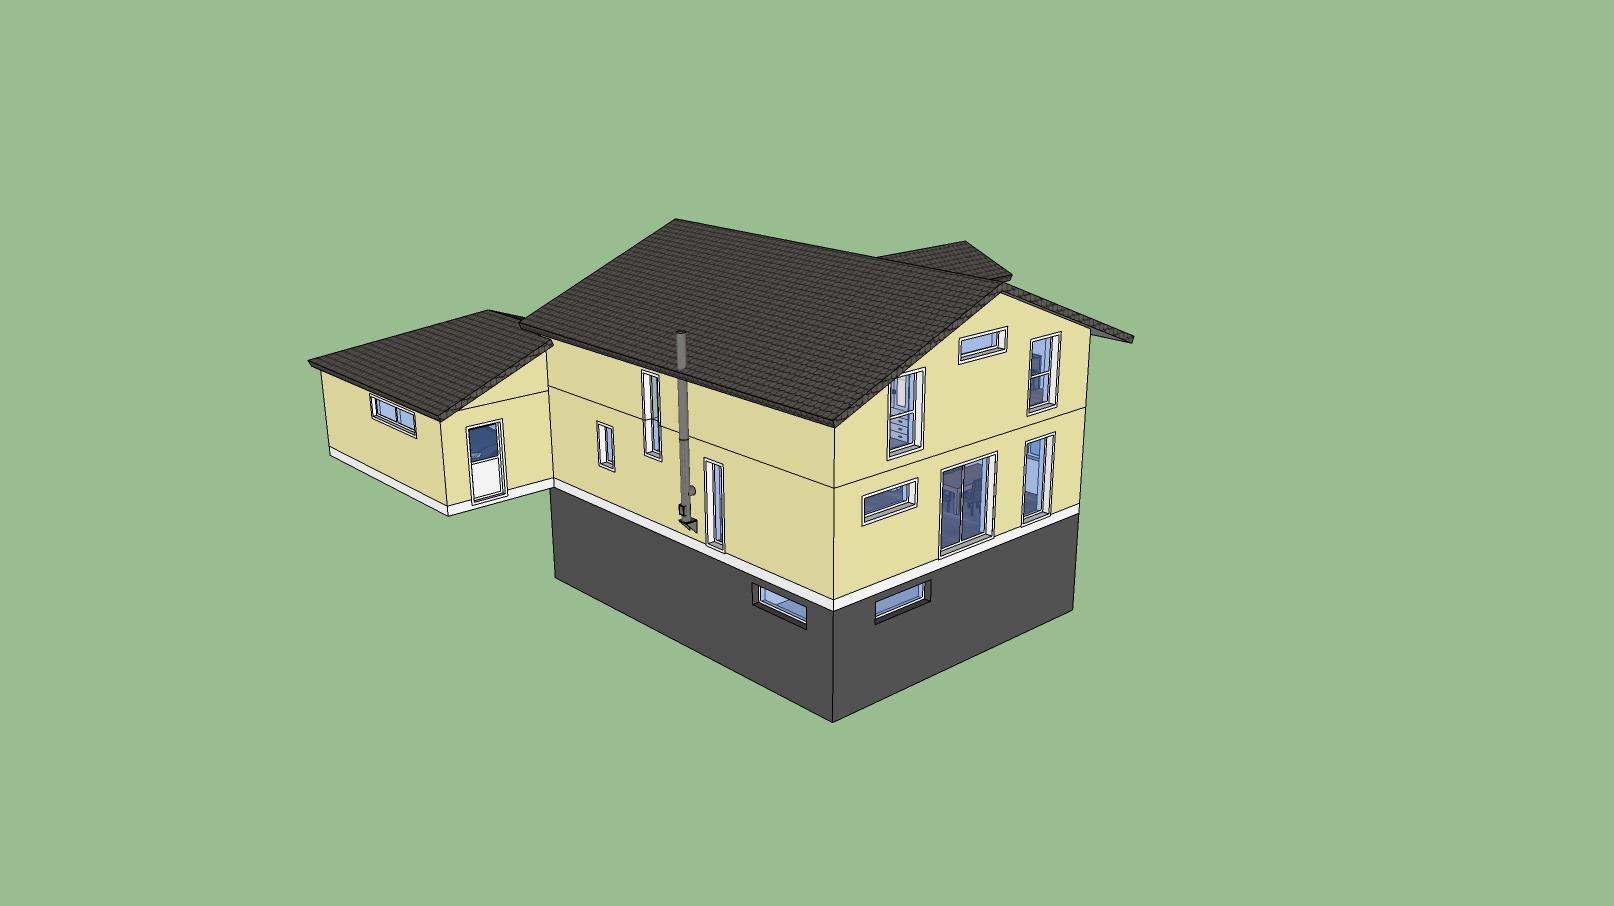 bmw treff forum fragen zum hausbau und finanzierung. Black Bedroom Furniture Sets. Home Design Ideas